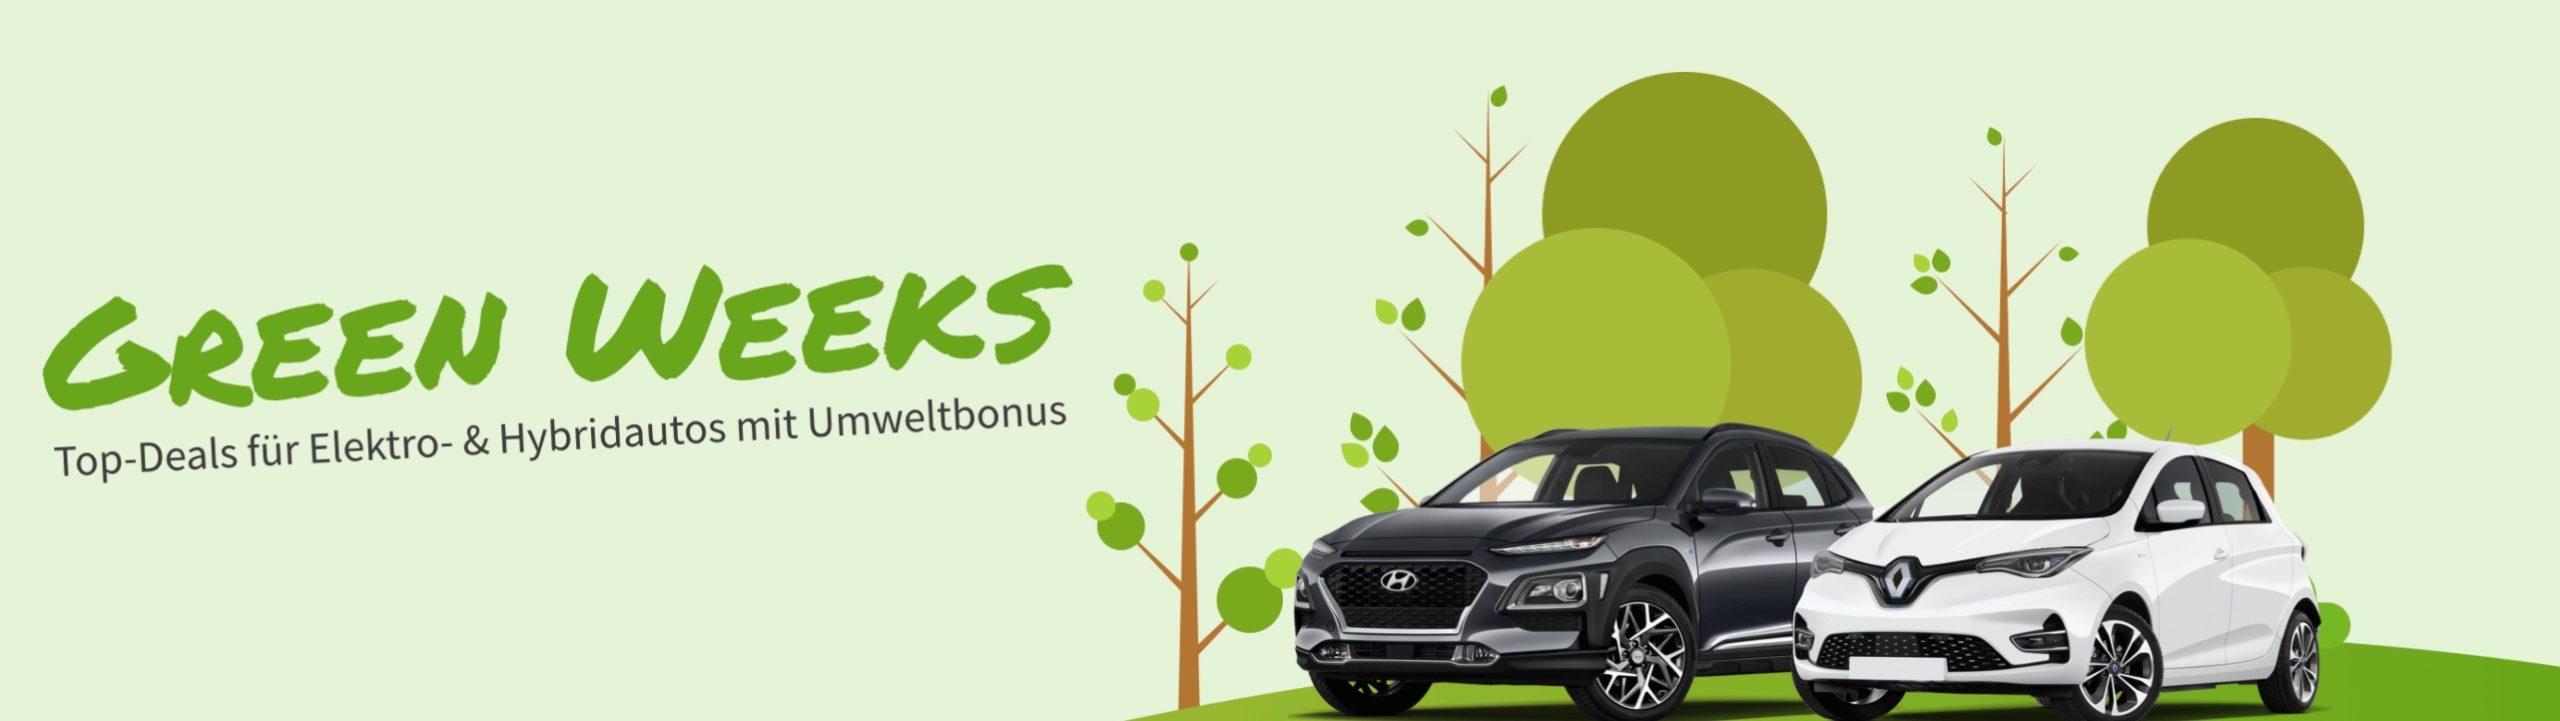 Entdecken Sie im Rahmen der LeasingMarkt.de Green Weeks zahlreiche Top-Angebote für beliebte Elektro- und Hybridmodelle aller bekannten Marken. Nutzen Sie die Chance und sichern Sie sich dank der BAFA-Förderung Leasingfahrzeuge mit E-Antrieb zu absoluten Sonderkonditionen.